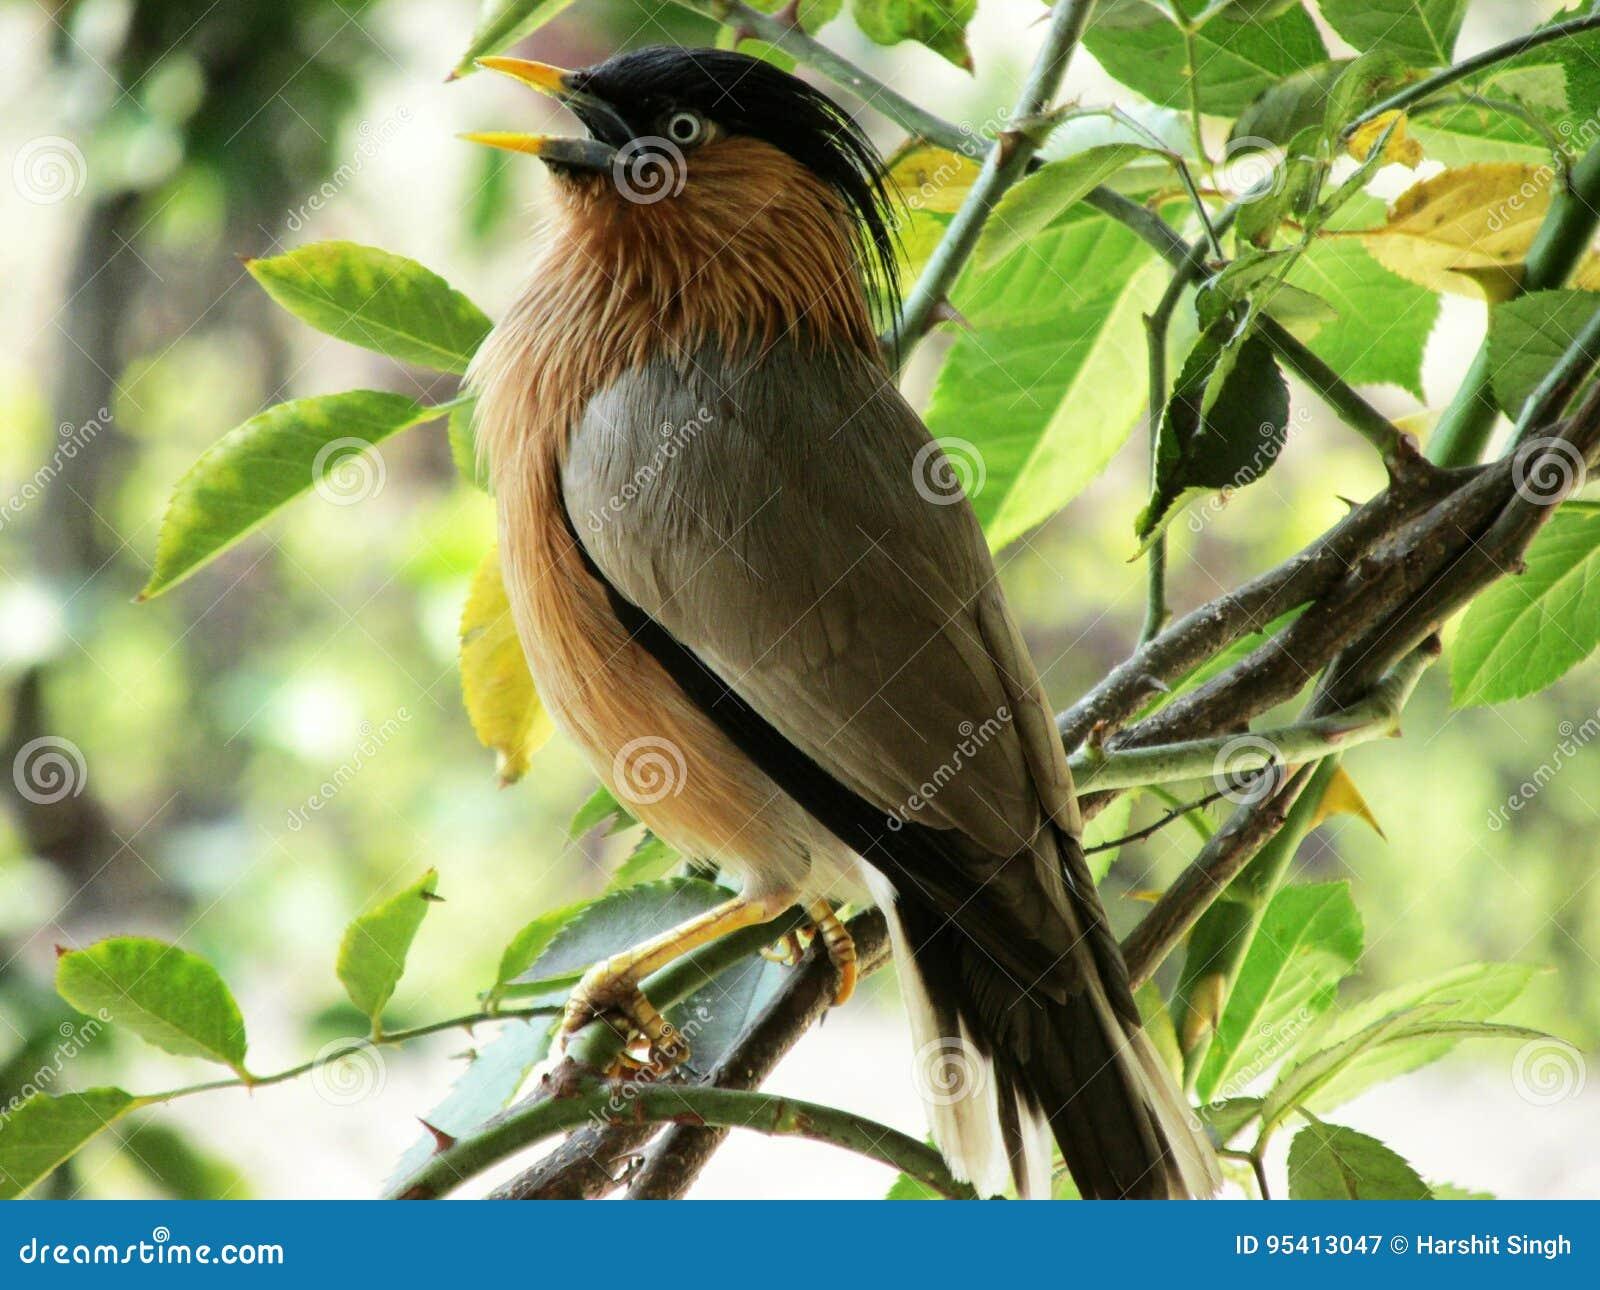 Morning chirp stock image  Image of nature, eyecandy - 95413047